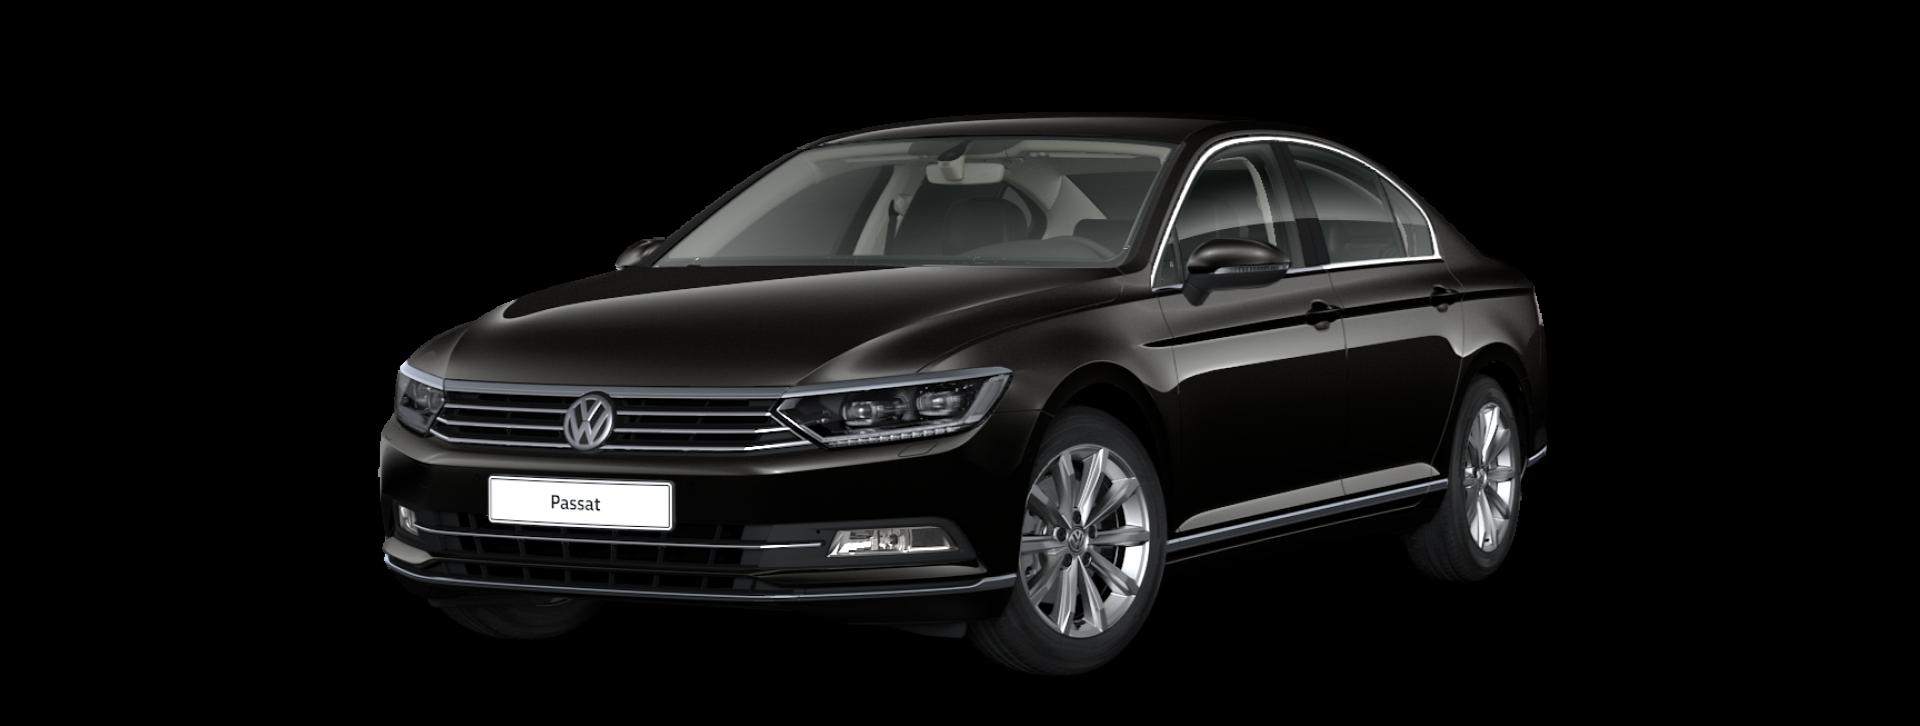 Volkswagen le mans, location de chauffeur taxi vtc au mans en berline, véhicule haut de gamme (Uber allocab sixt )